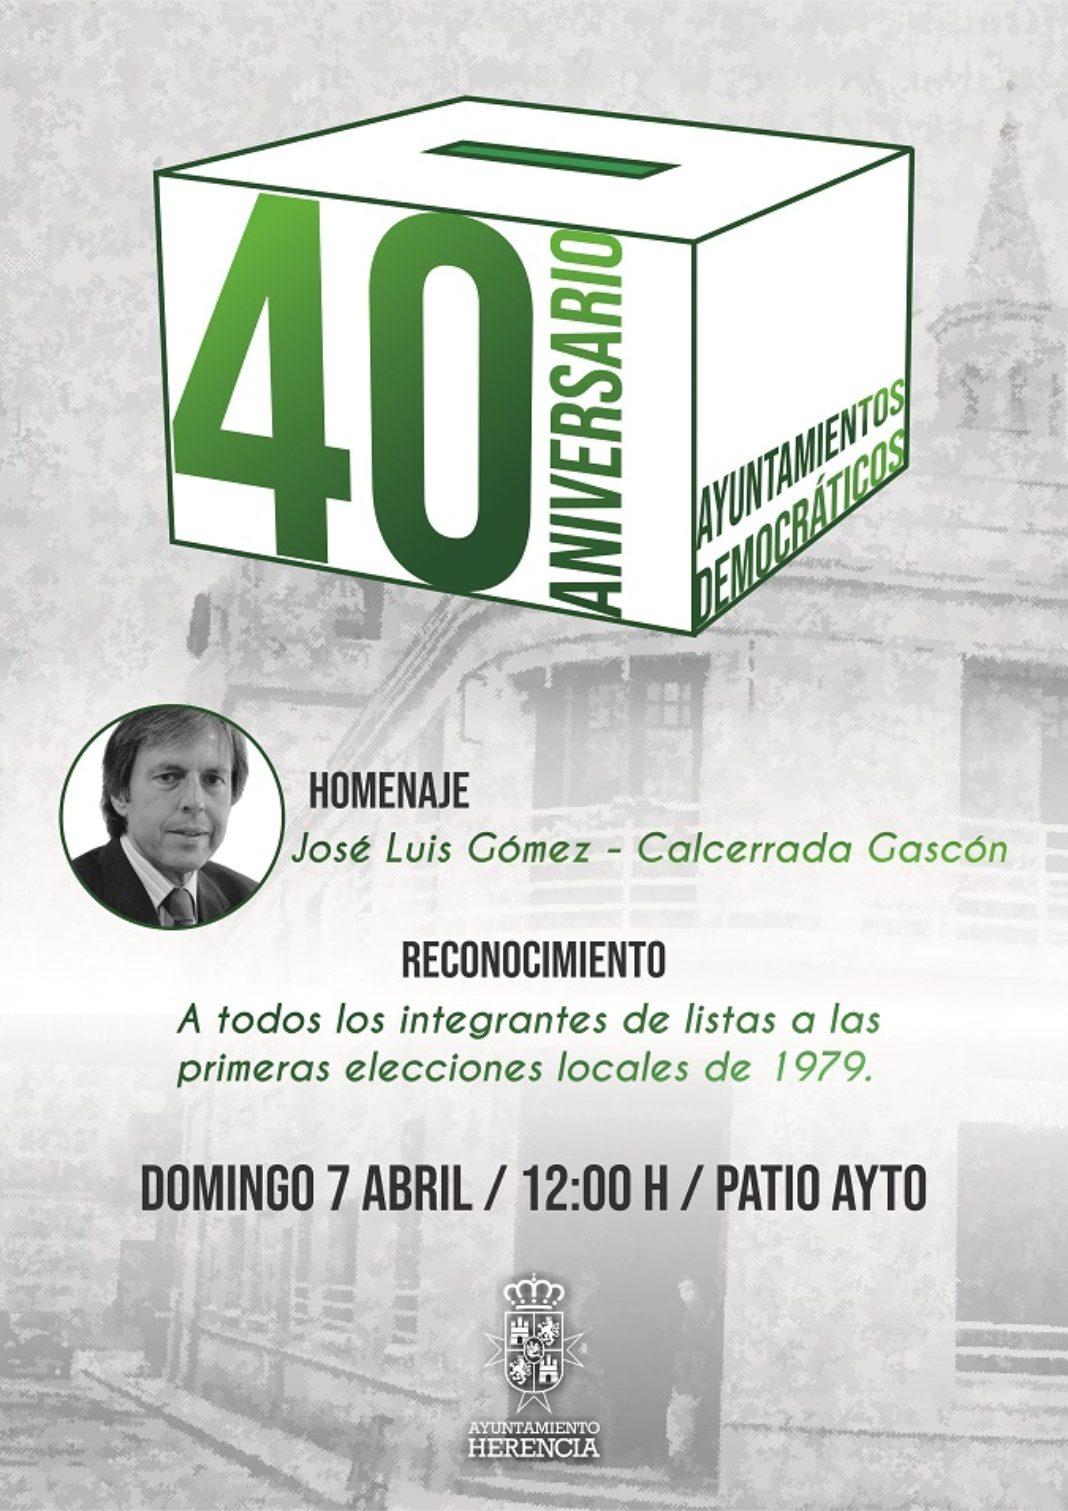 cartel 40 aniversario democracia 1 1068x1511 - Herencia conmemora la celebración de las primeras elecciones democráticas con un homenaje a José Luis Gómez-Calcerrada Gascón y un reconocimiento a las primeras candidaturas municipales